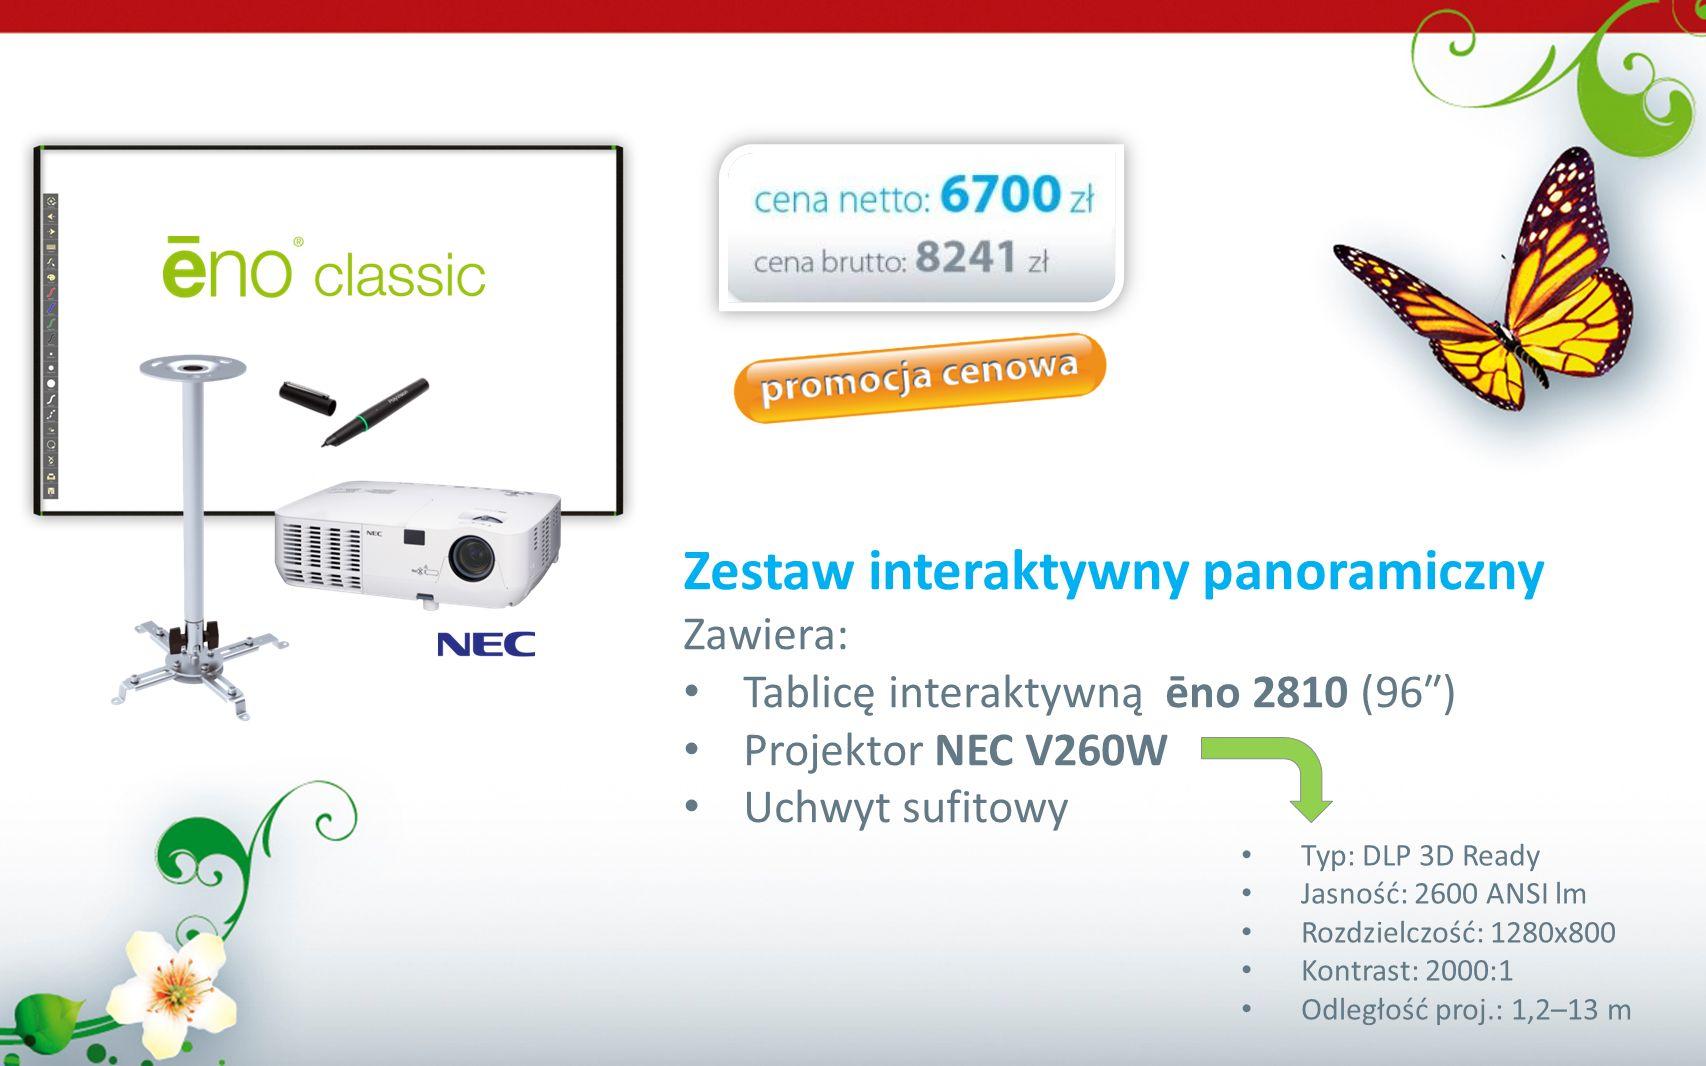 Zestaw interaktywny panoramiczny Zawiera: Tablicę interaktywną ēno 2810 (96) Projektor NEC V260W Uchwyt sufitowy Typ: DLP 3D Ready Jasność: 2600 ANSI